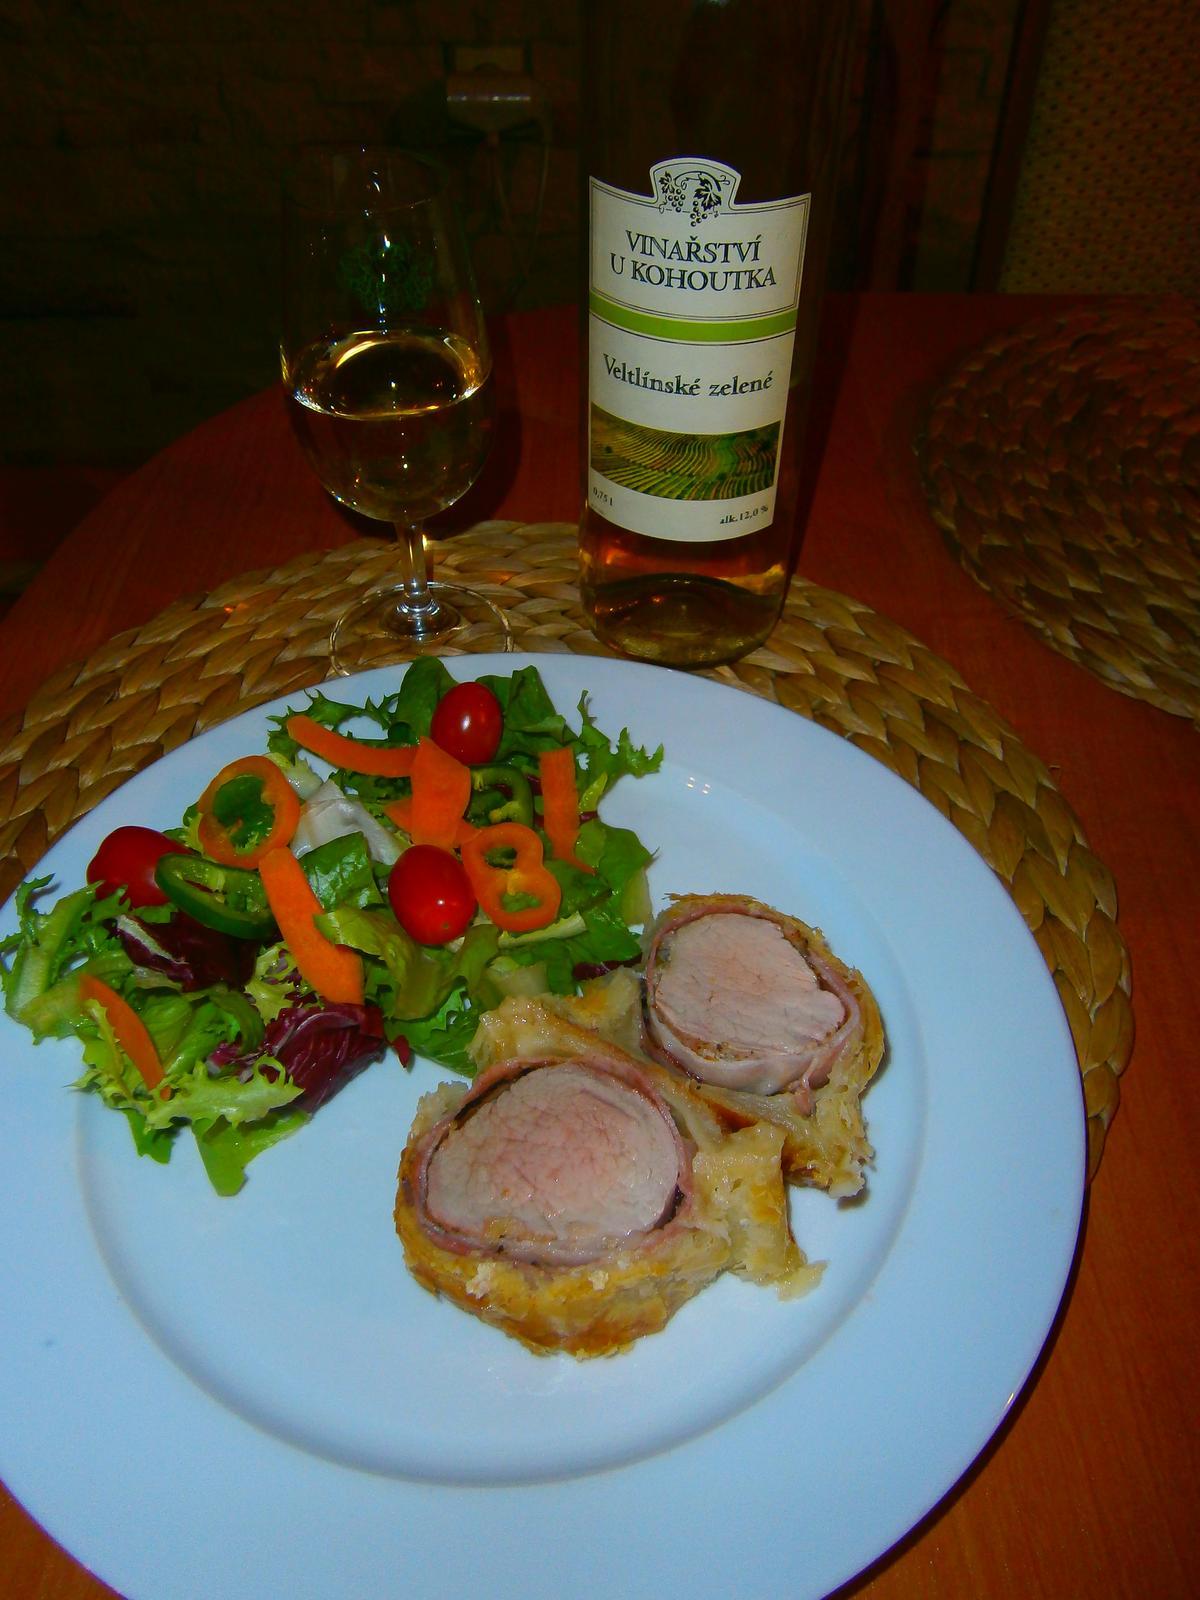 Hokus pokus v kuchyni - vepřová panenka wellington s vínem z vinařství od Kohoutka :-)